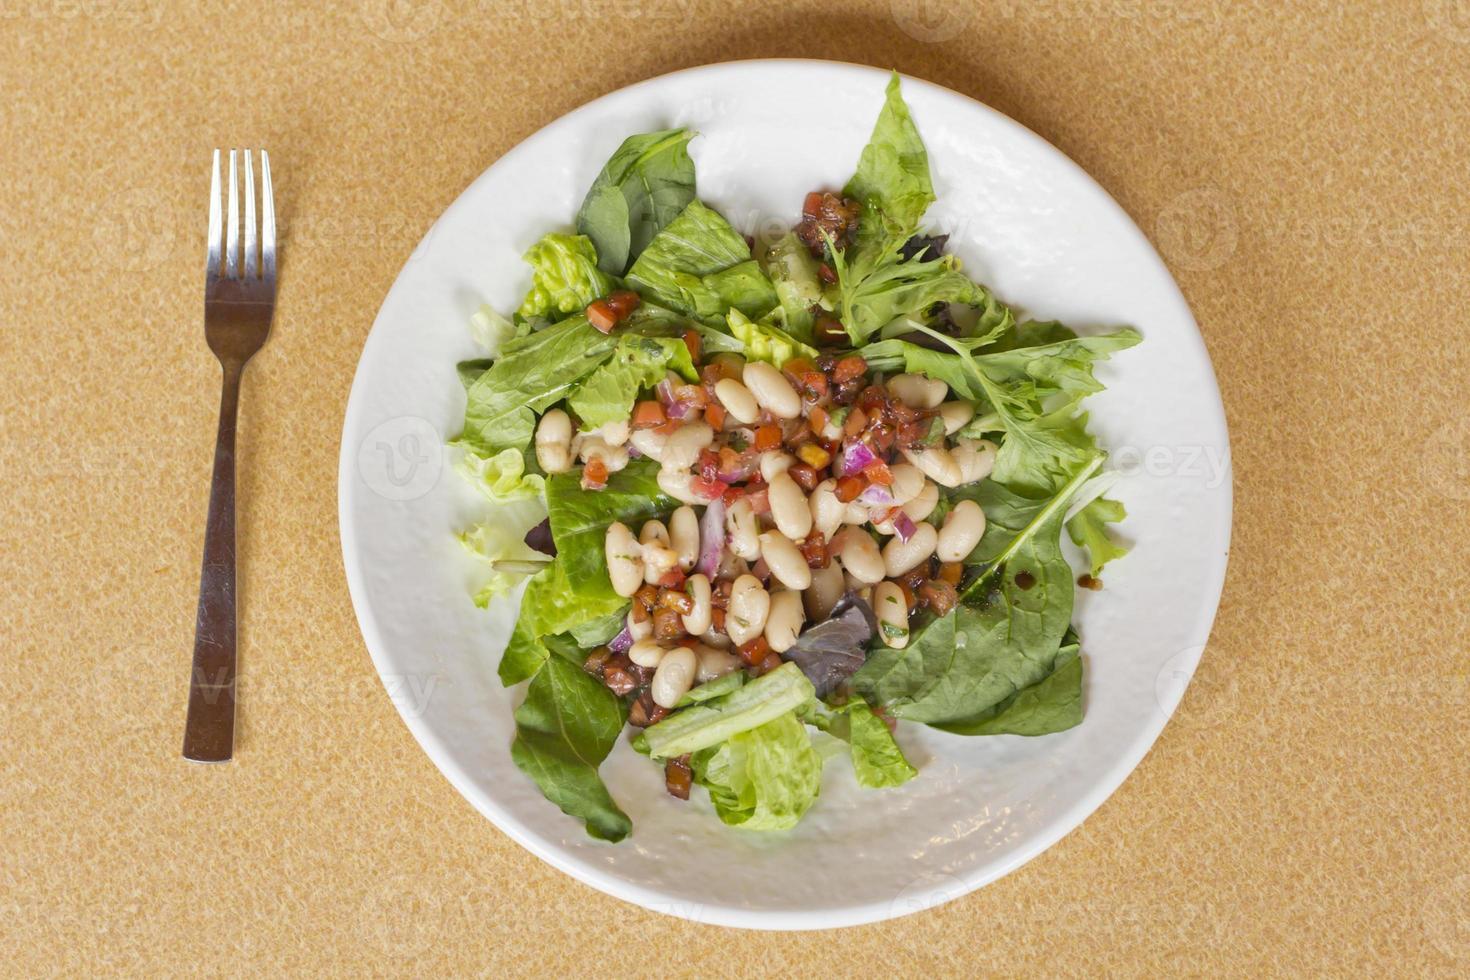 salade de haricots cannellini photo